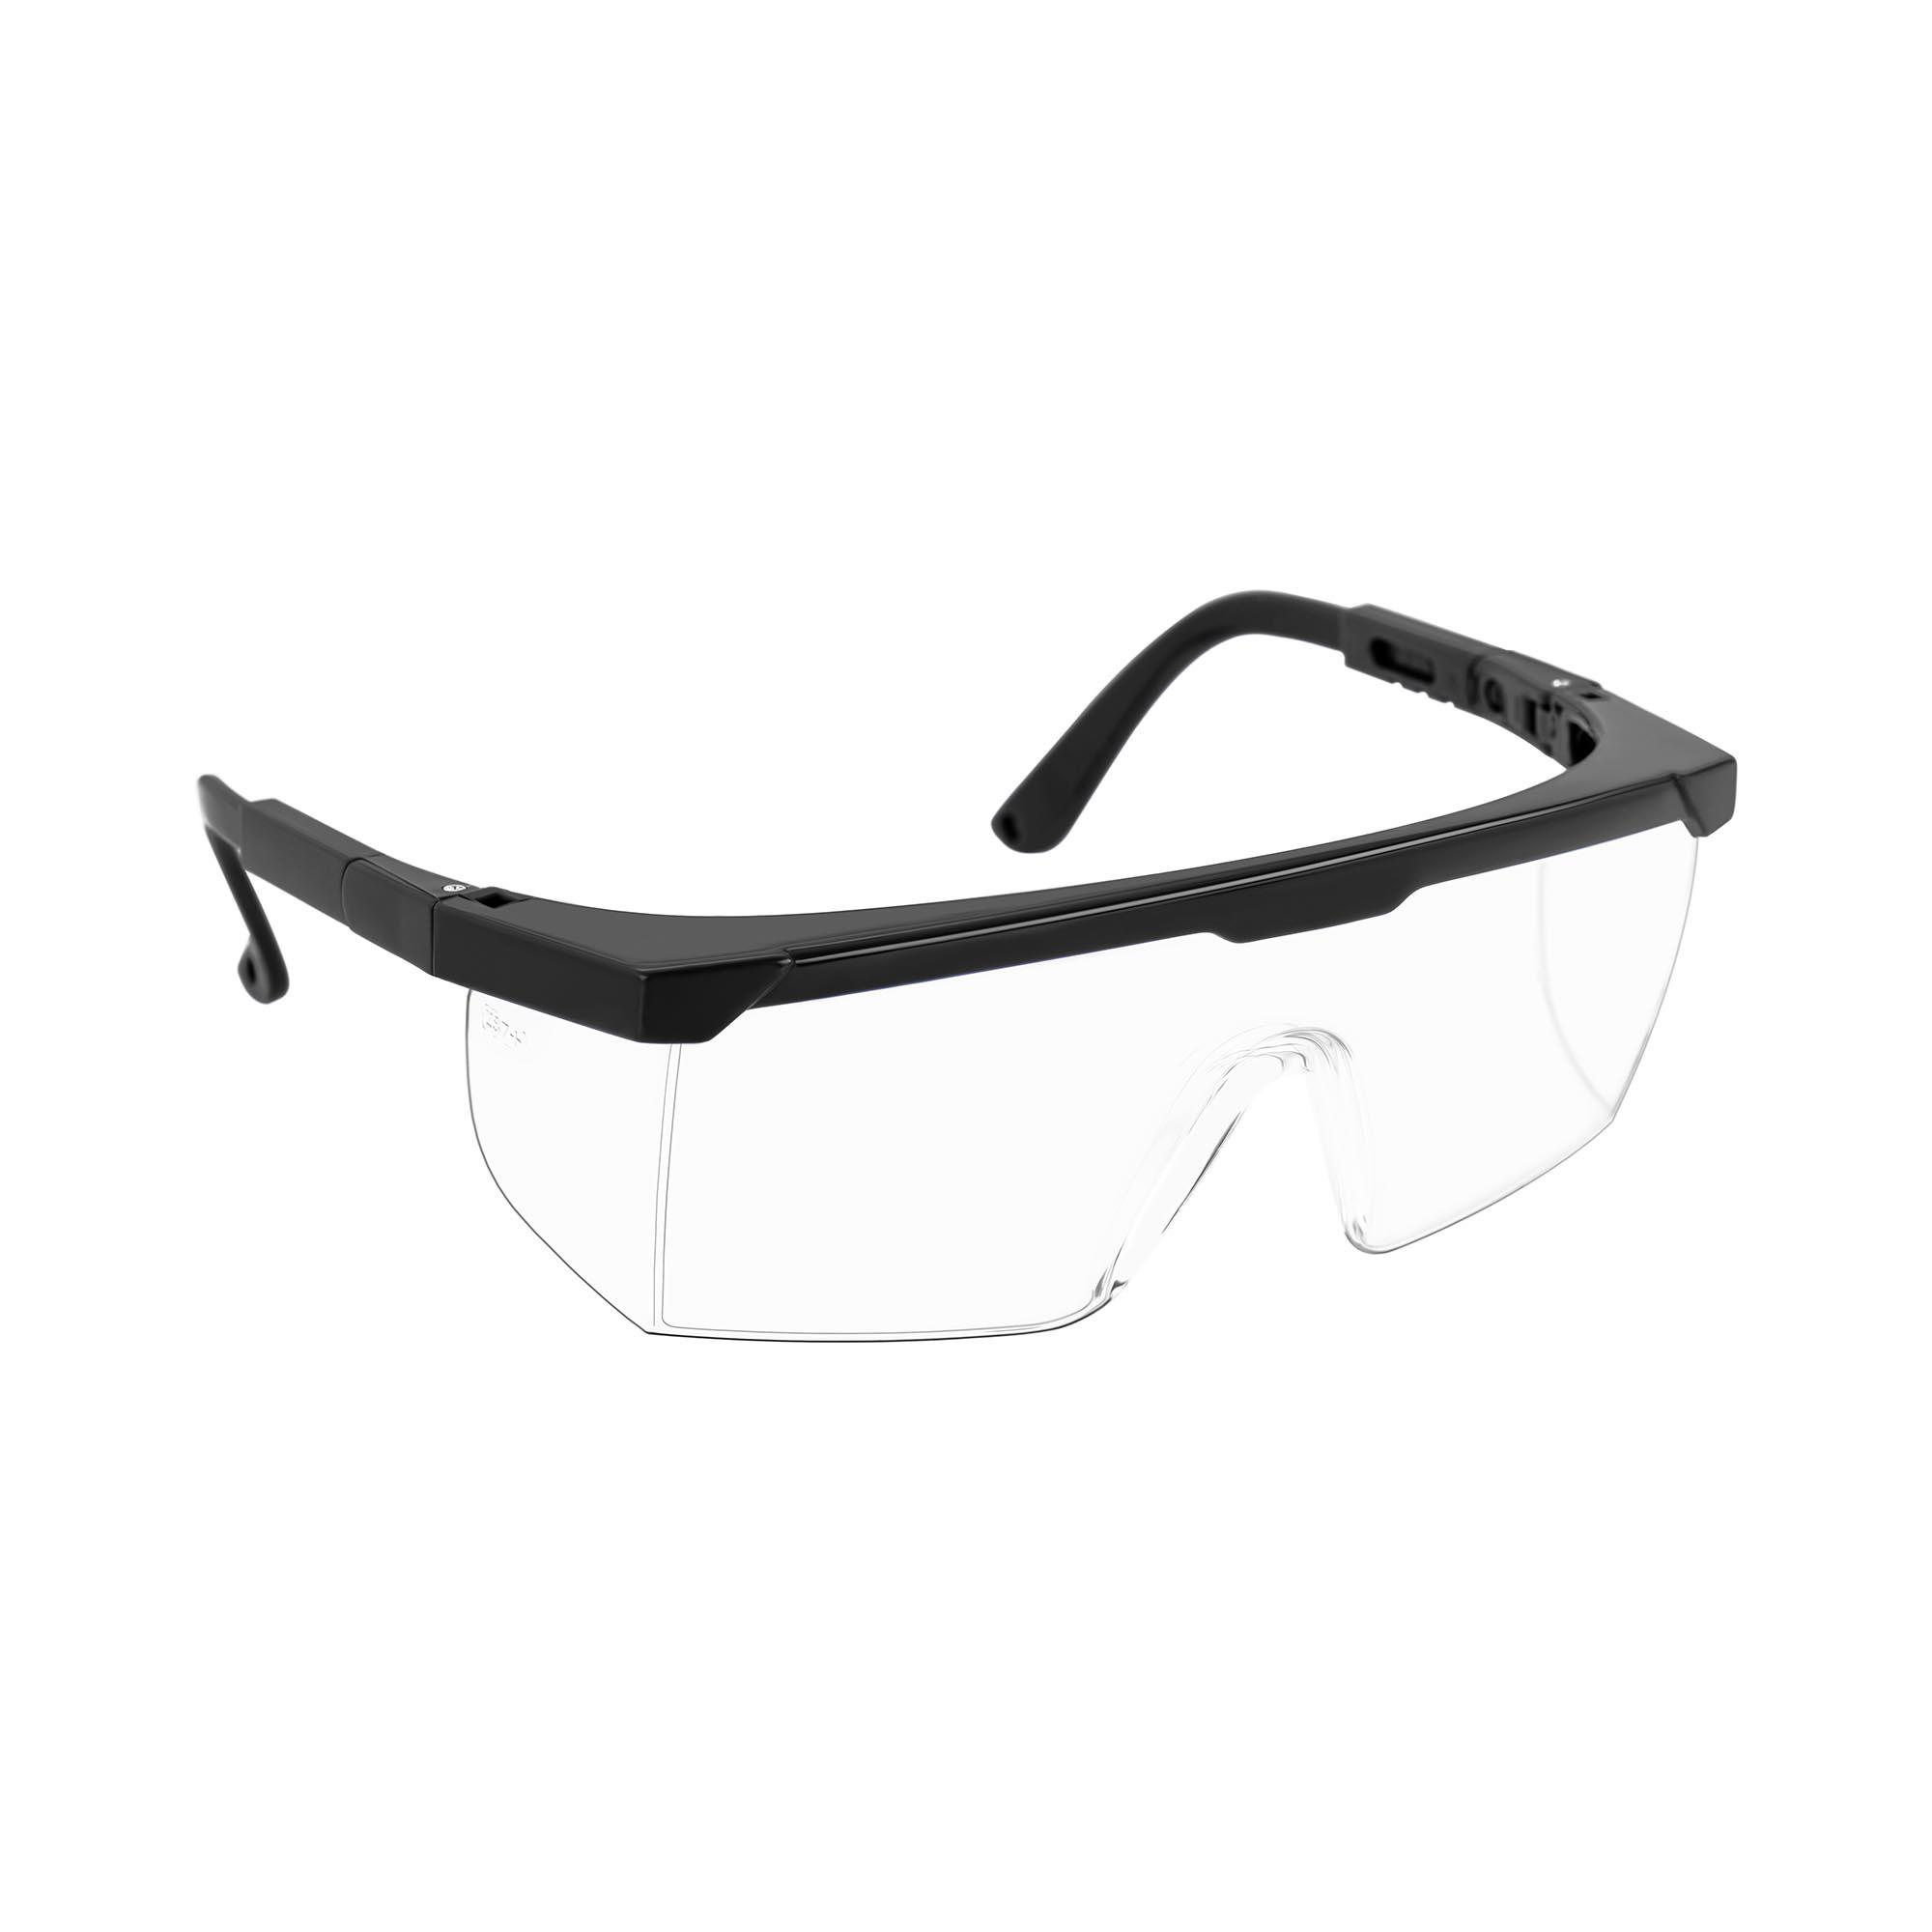 MSW Schutzbrille - 15er Set - klar - verstellbar JHSAFETY-01